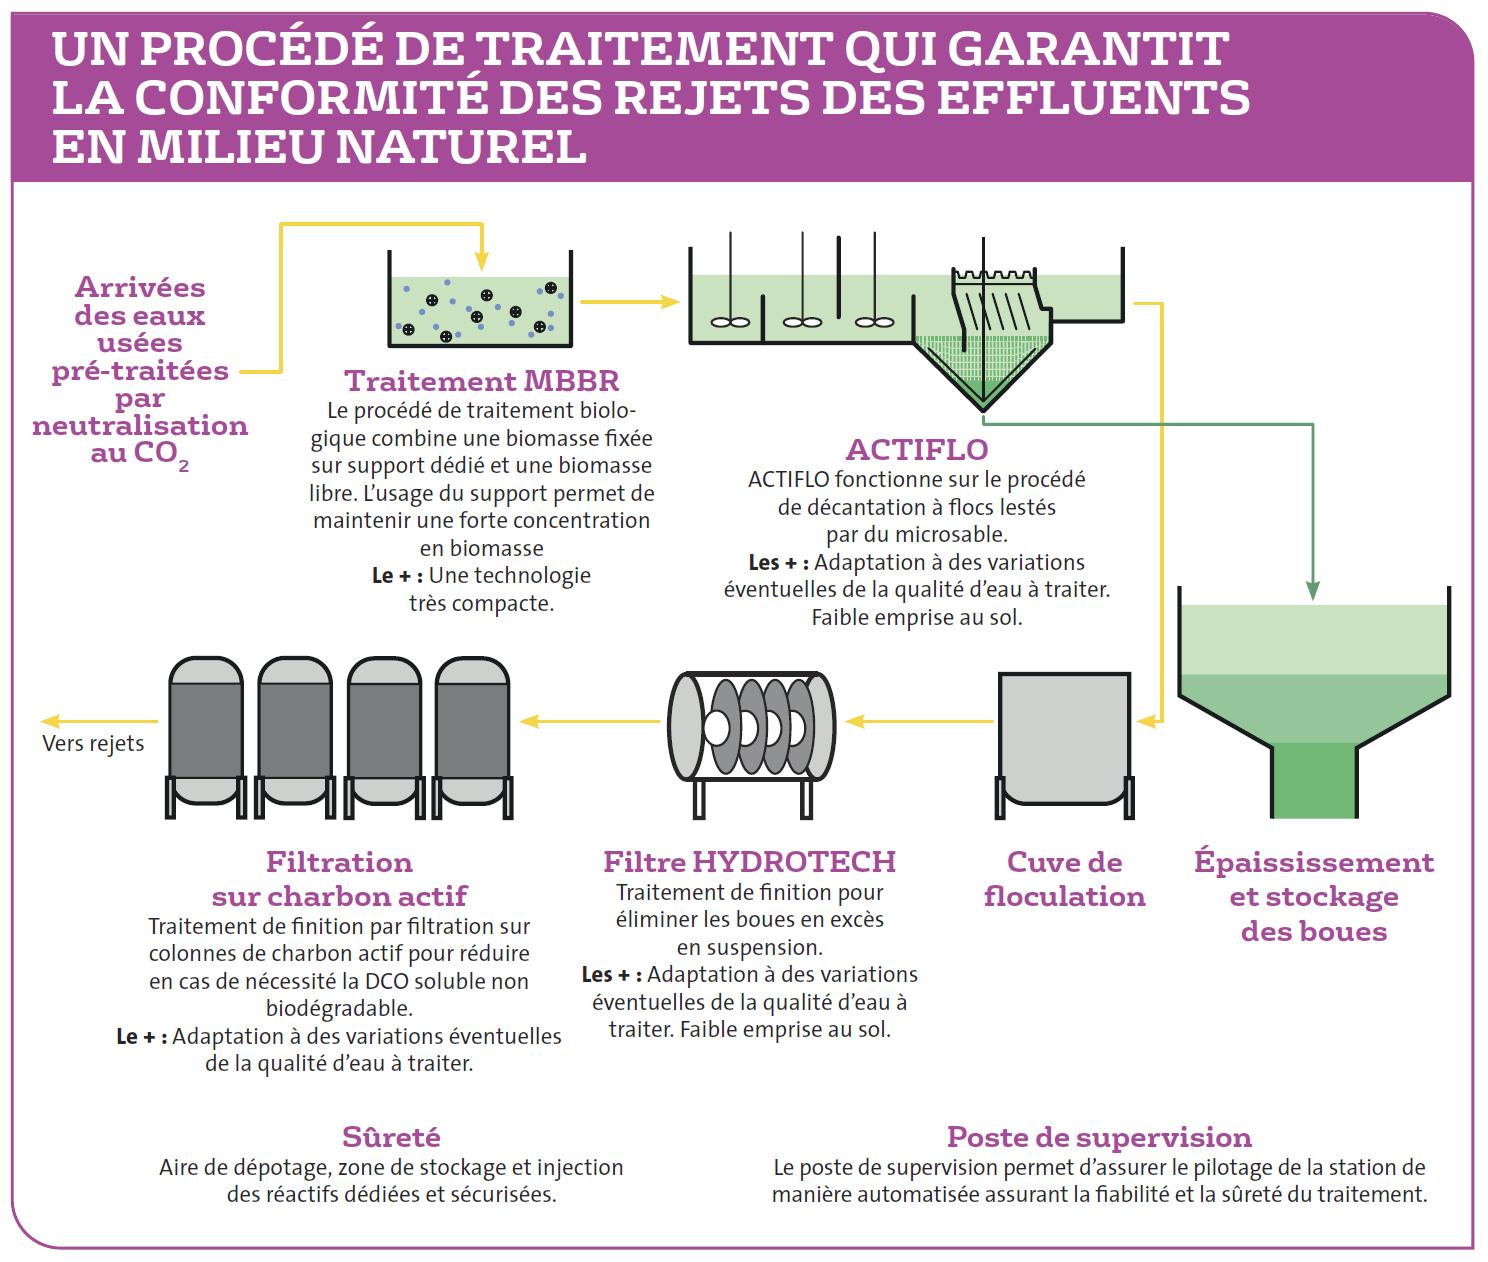 Gardanne : Un procédé de traitement qui garantit la conformité des rejets des effluents en milieu naturel